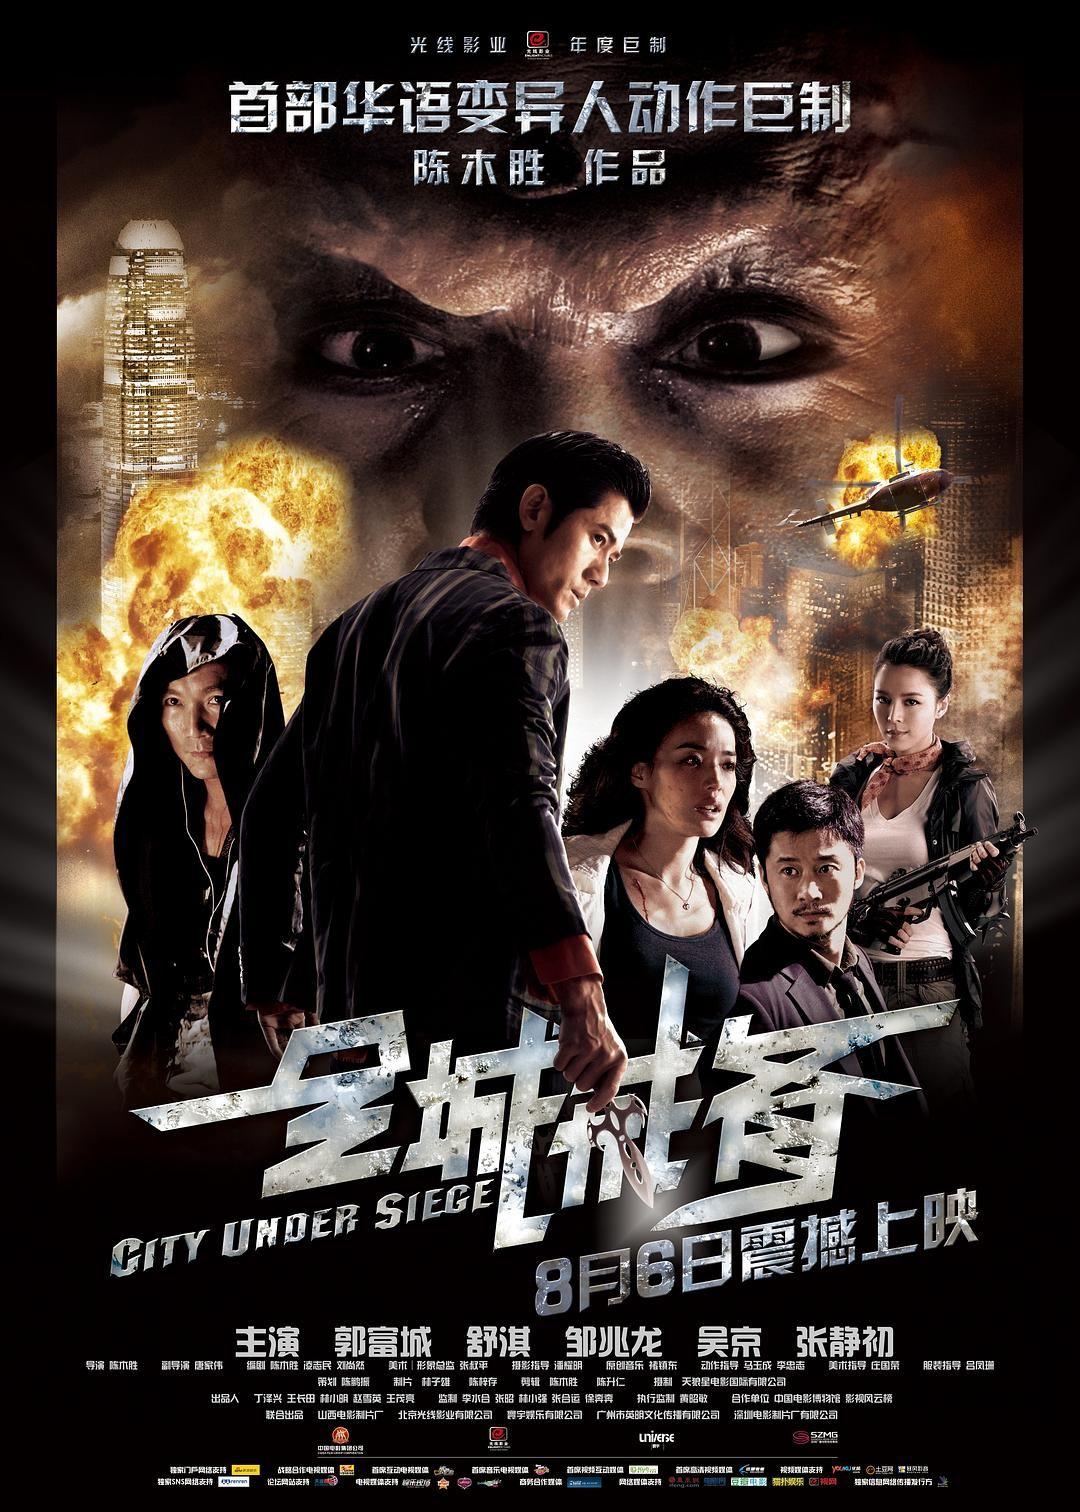 2010郭富城动作《全城戒备》BD1080p.国粤双语中字